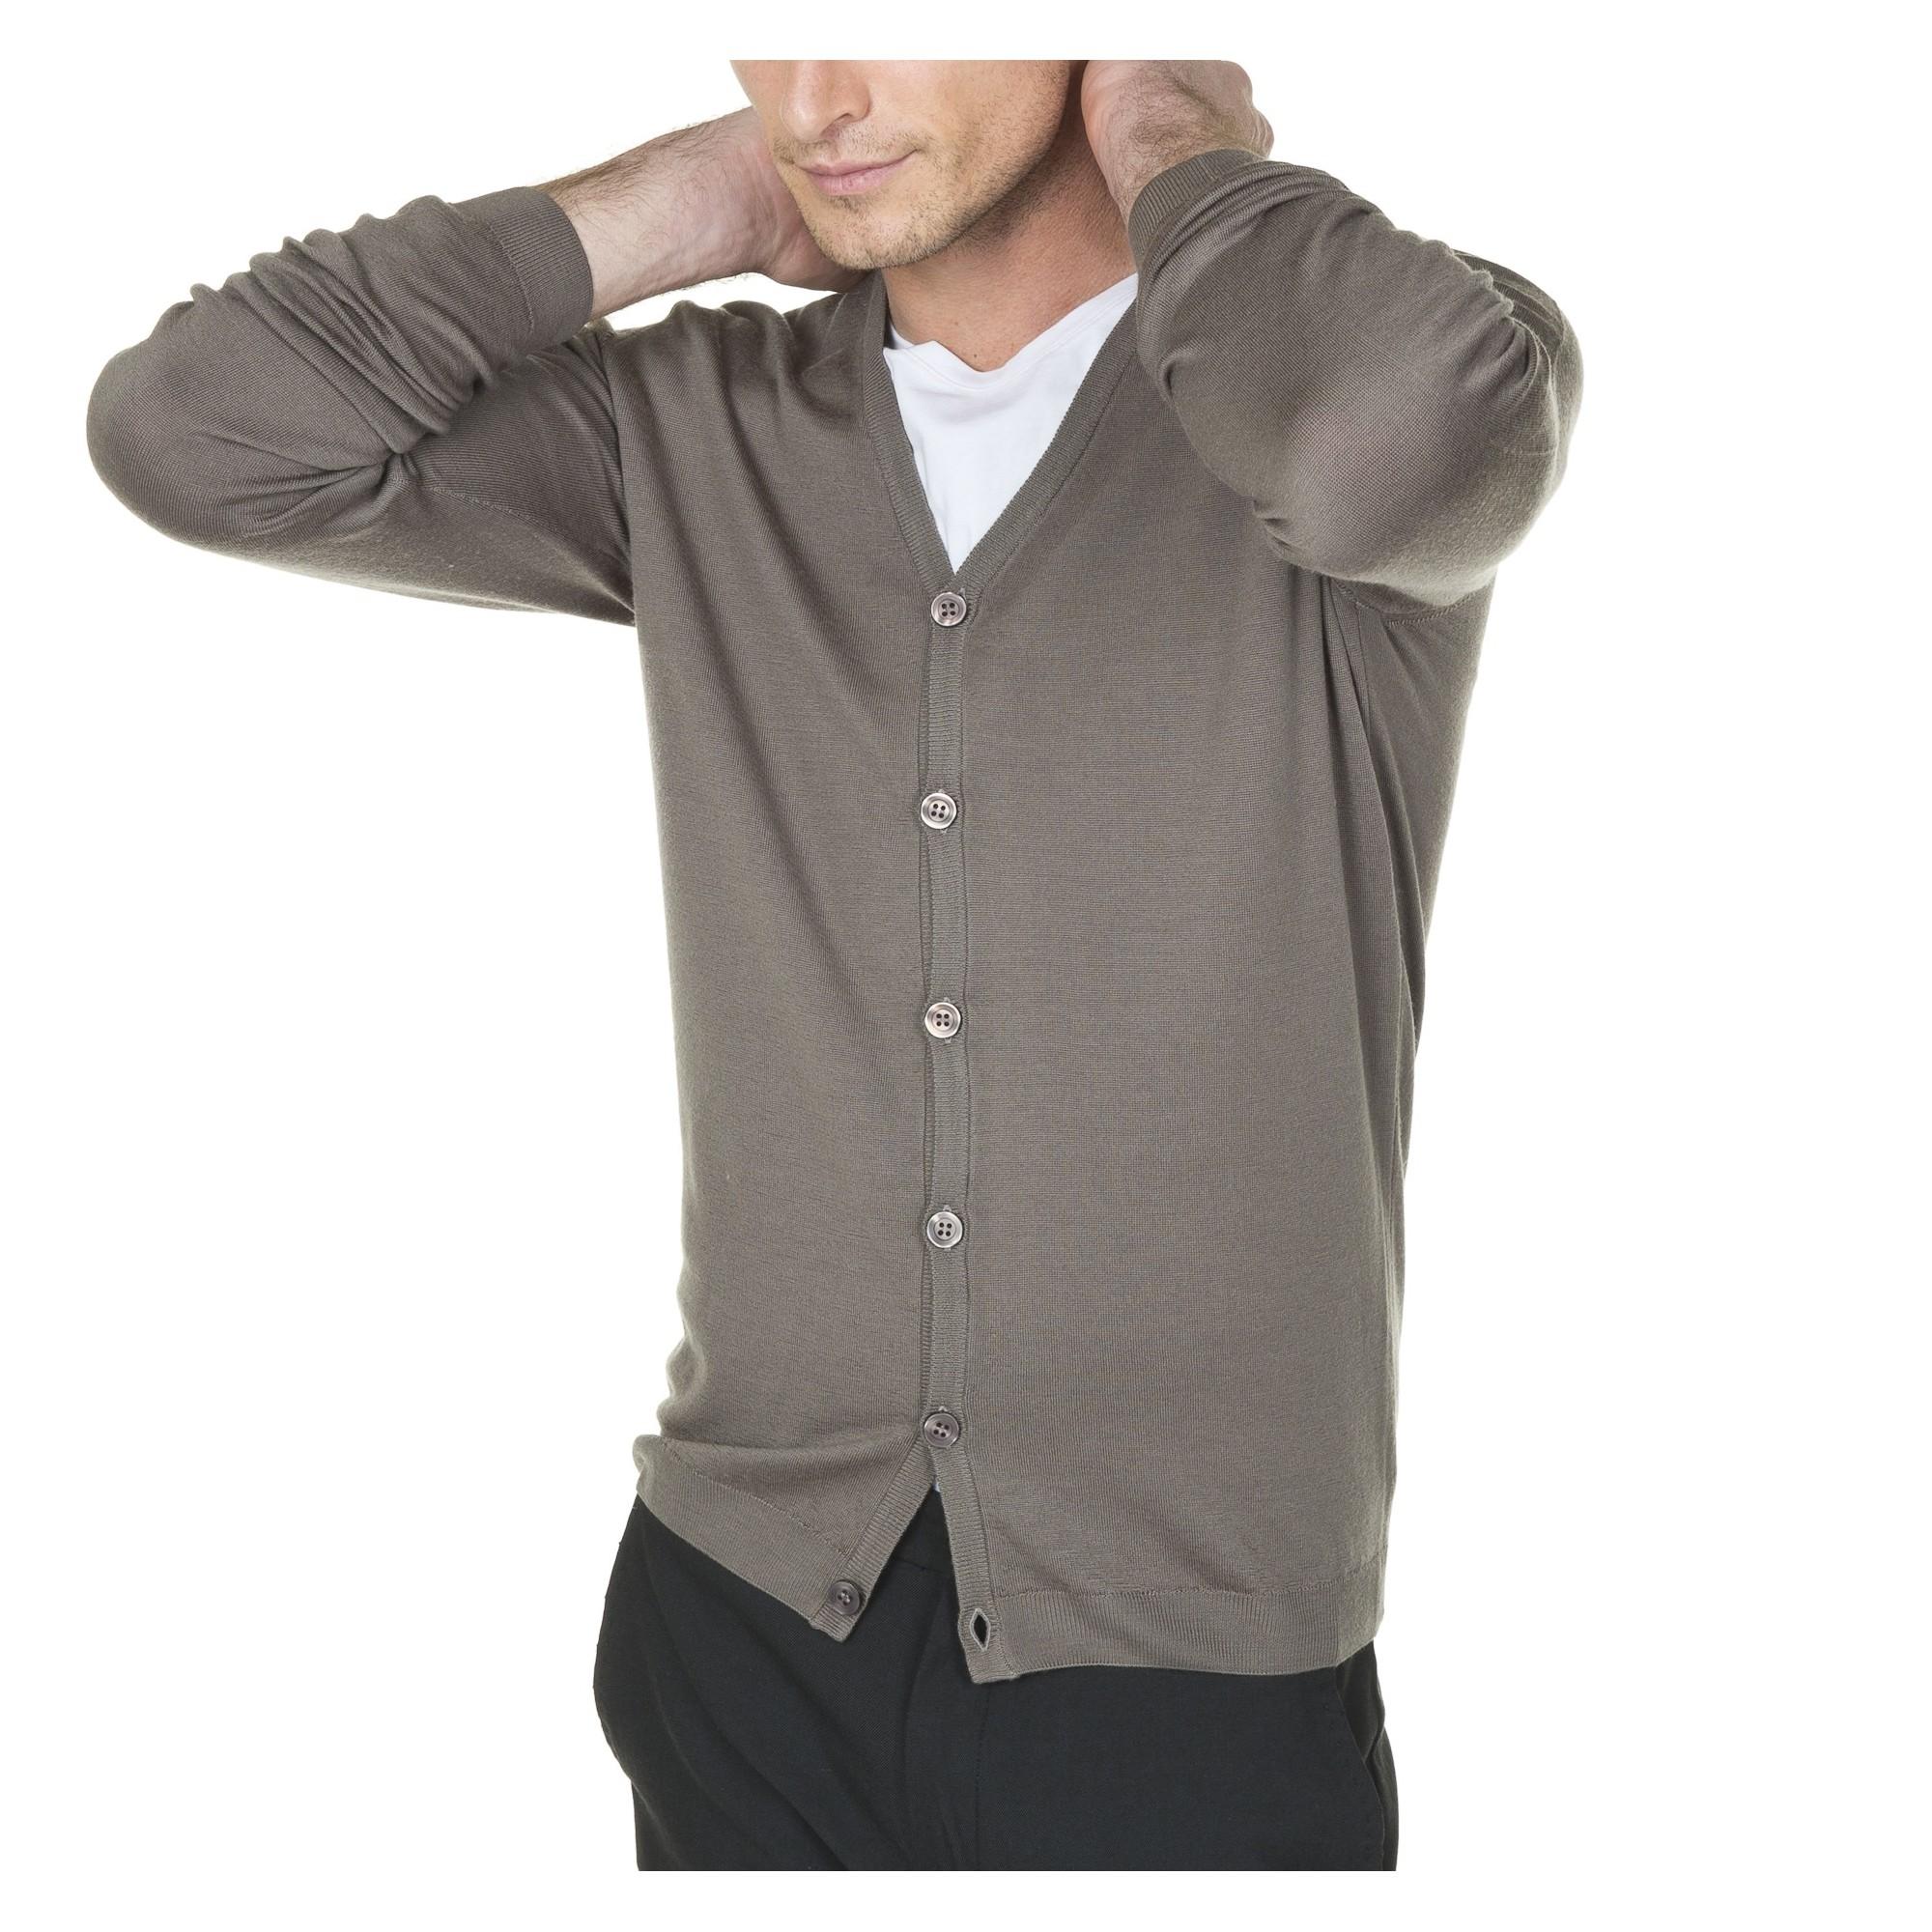 luxe ramasser en ligne à la vente Gilet laine pour homme avec boutons ton sur ton